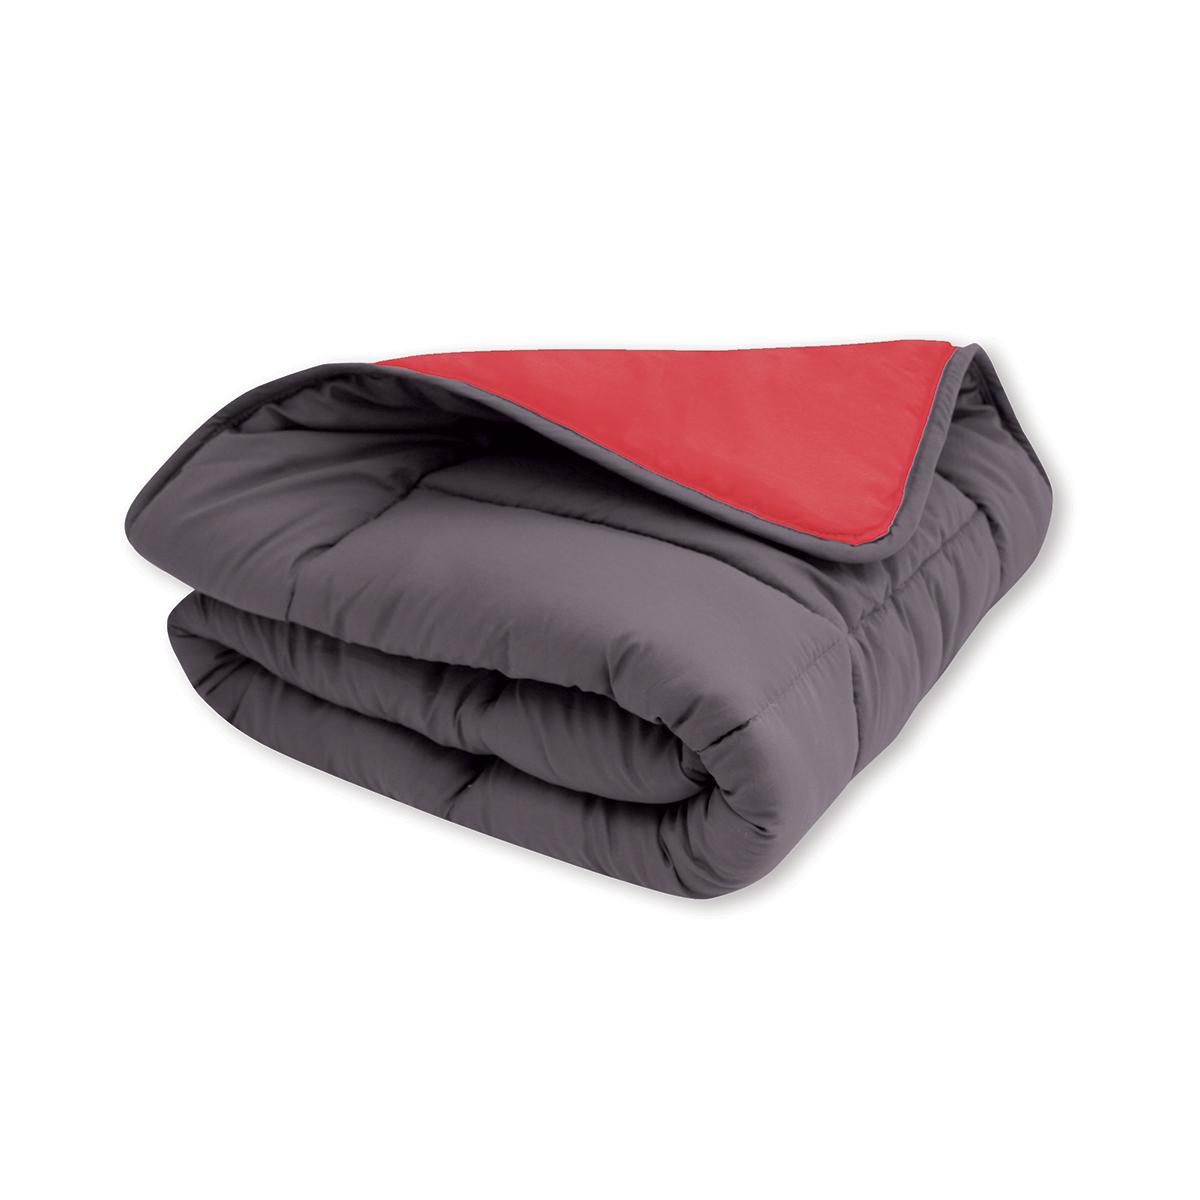 Couette réversible bicolore en microfibre 400 gr/m² - gris/rouge - 140 x 200 cm